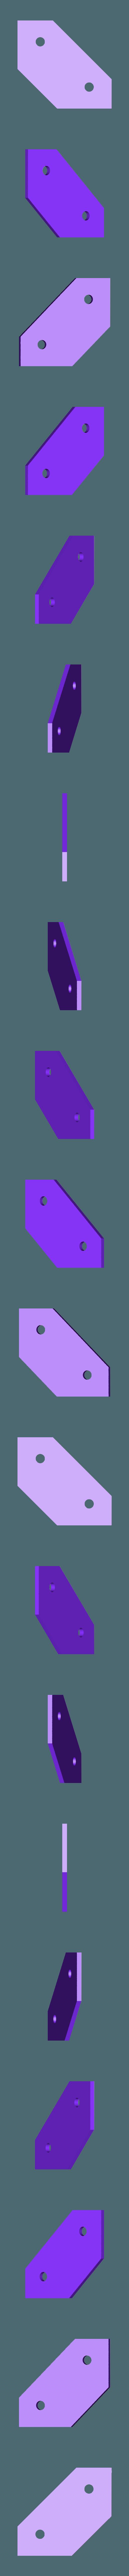 Knuckle_Plate_v1-0.STL Télécharger fichier STL gratuit Plaques de recouvrement de joint articulé (RigidBot) • Design pour imprimante 3D, WalterHsiao